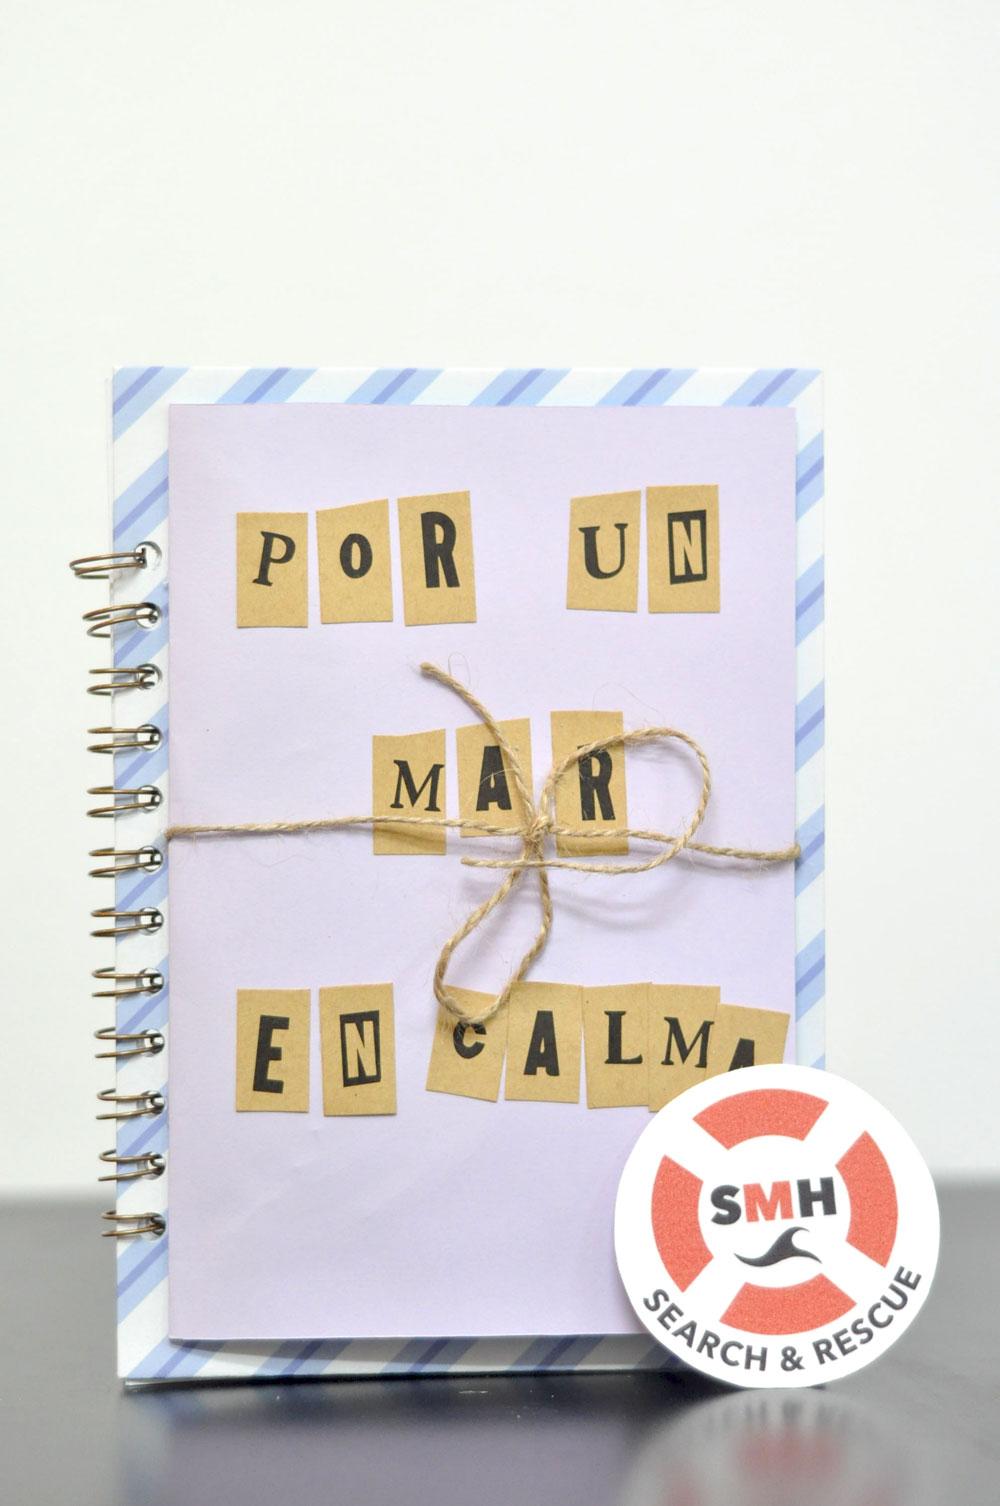 Cuaderno solidario creado por Haria Slow Fashion